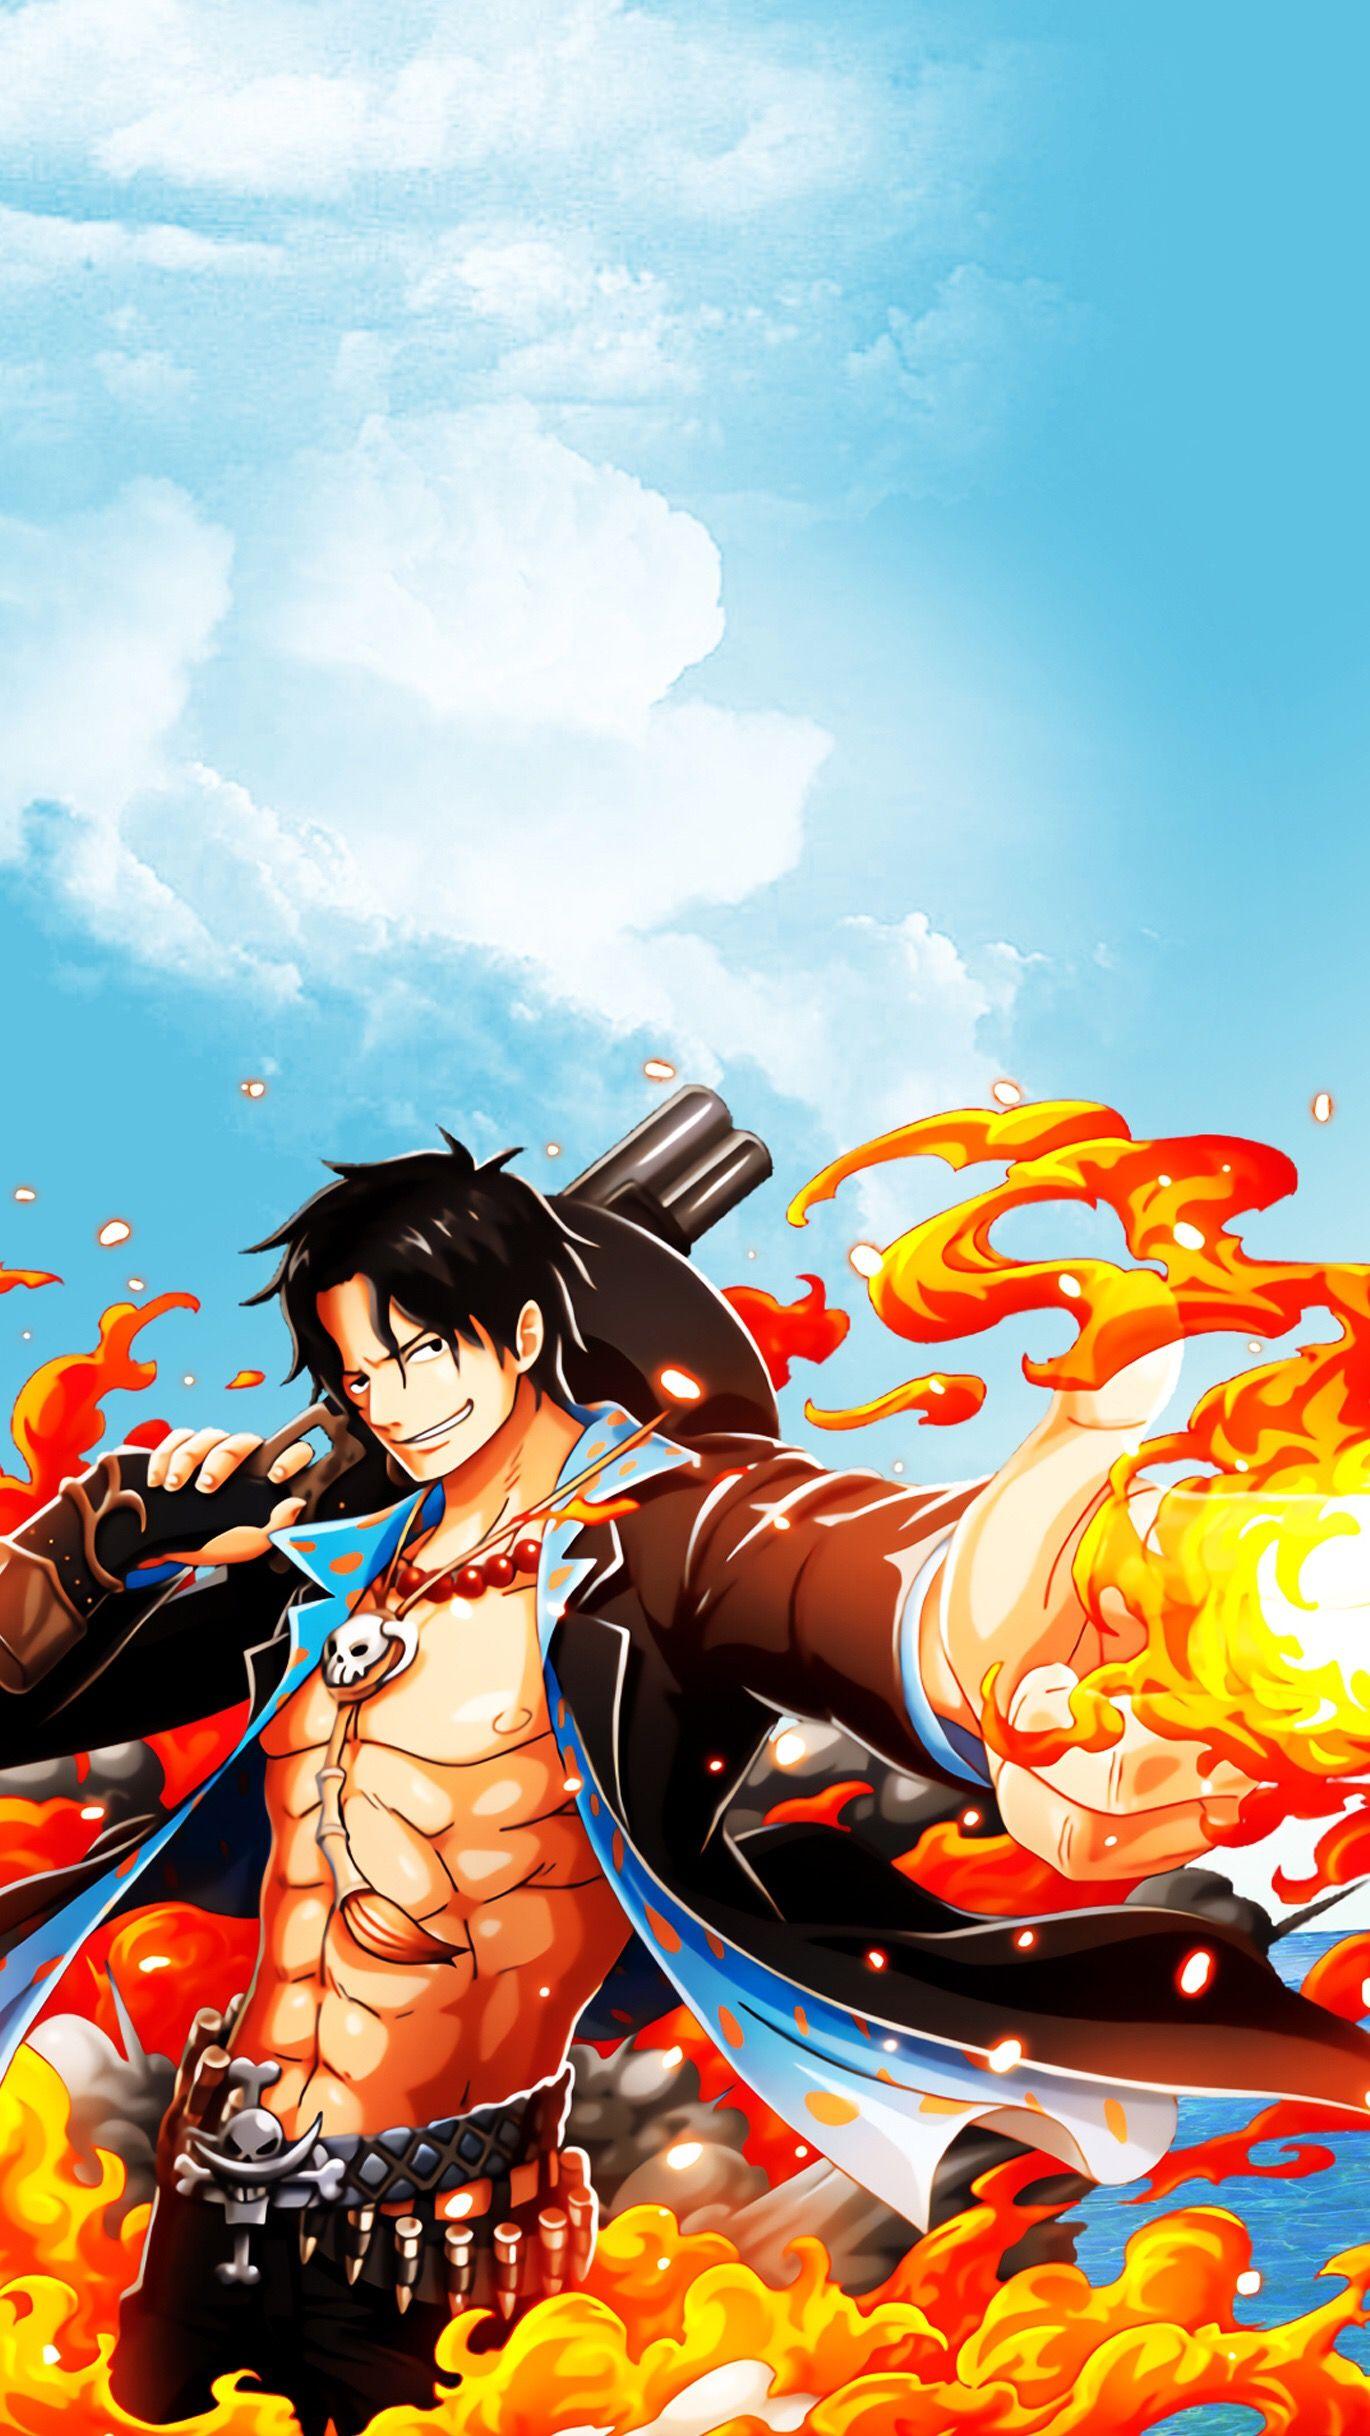 Ghim Của Chumma T Trên One Piece Hình ảnh Anime One Piece